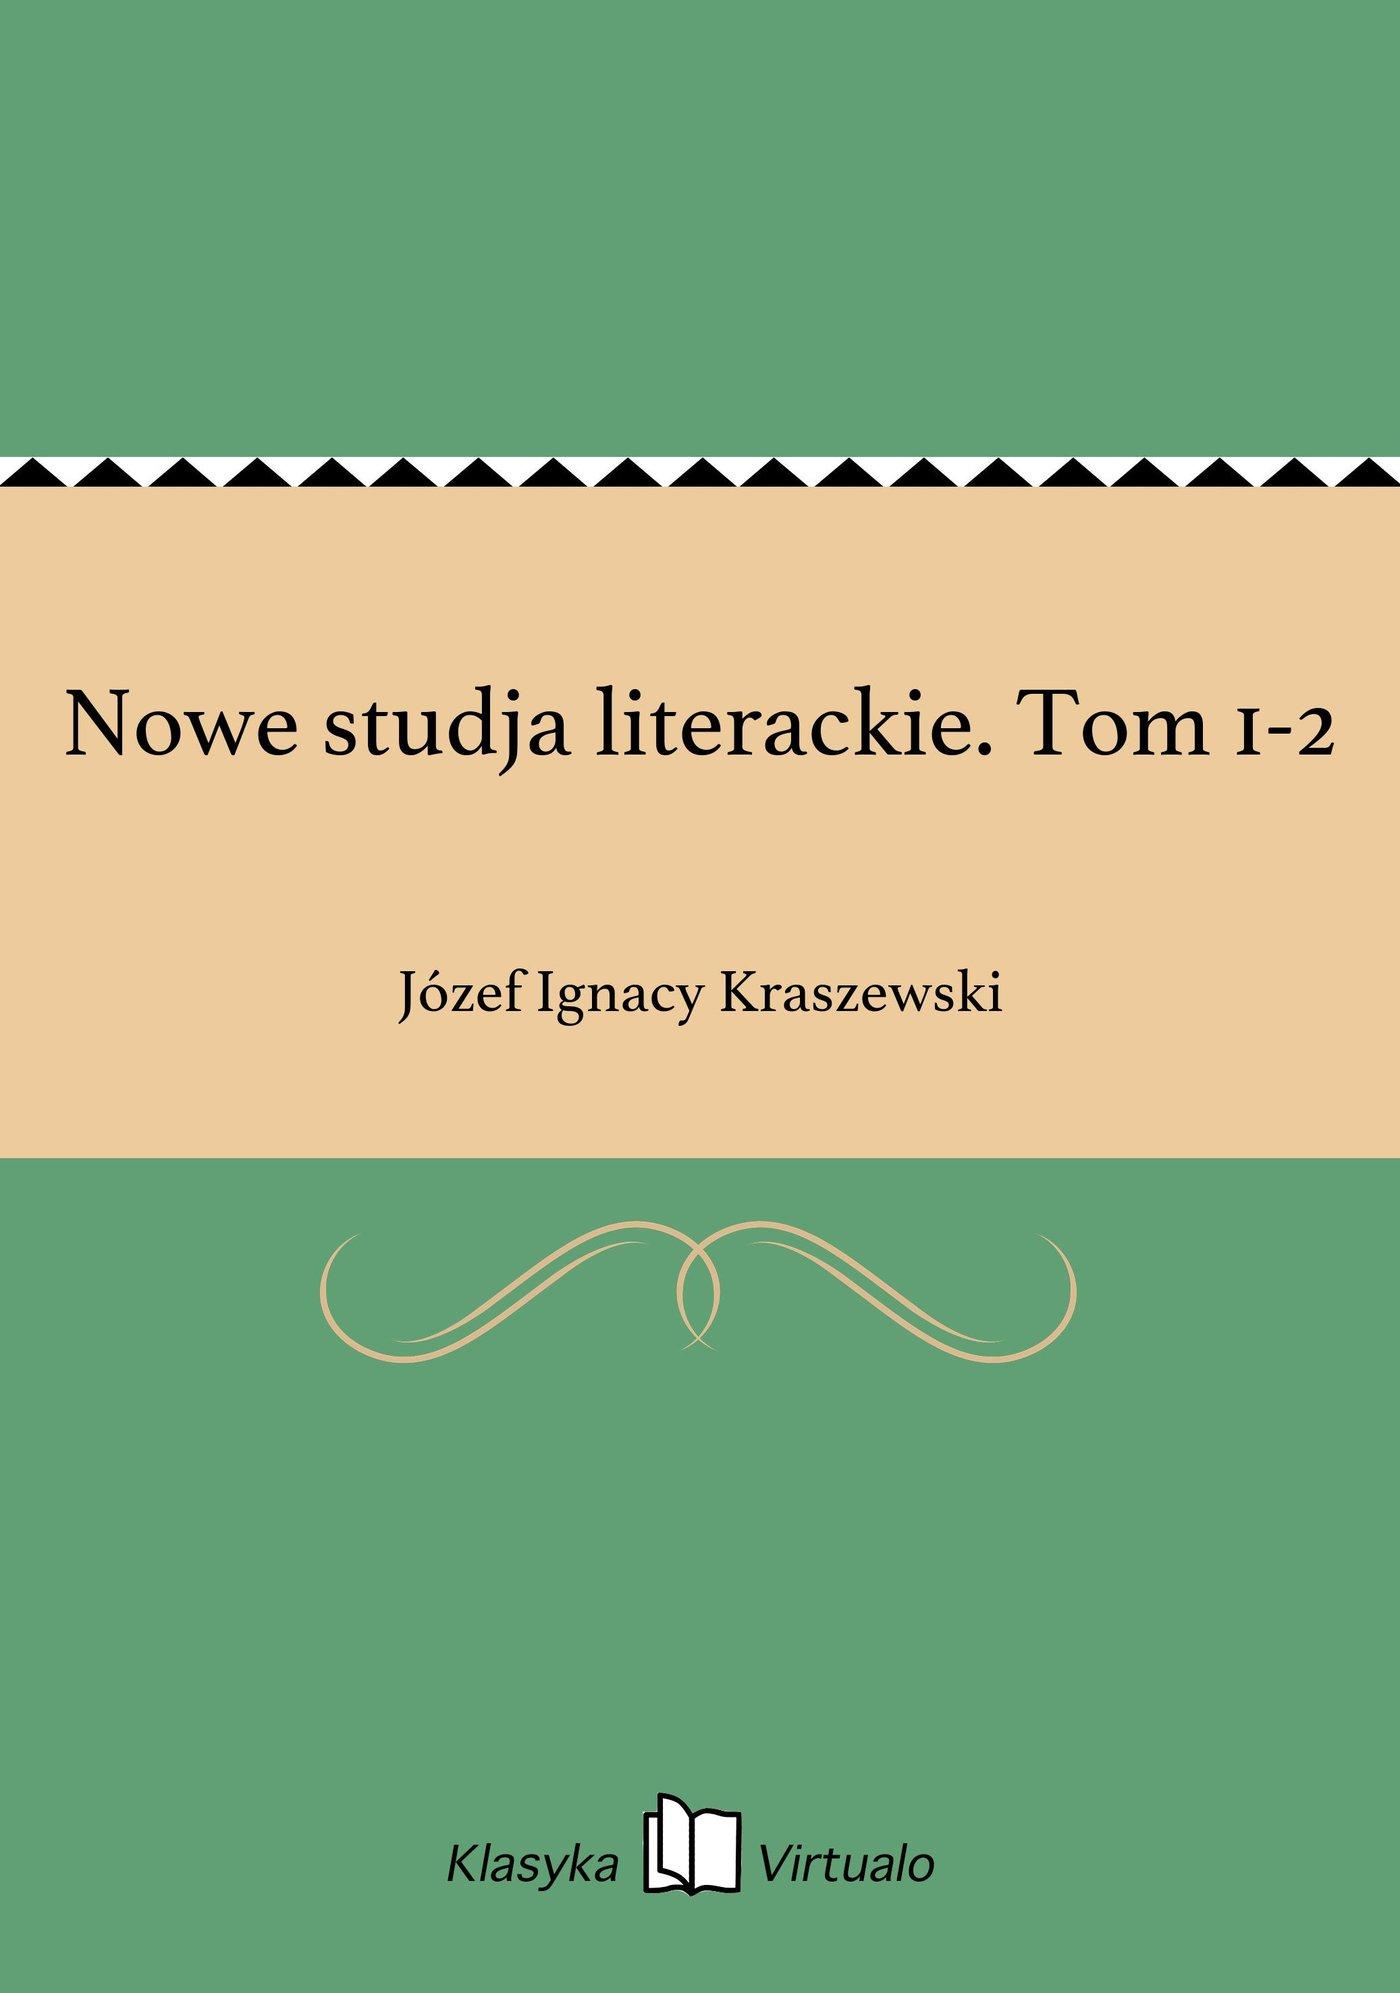 Nowe studja literackie. Tom 1-2 - Ebook (Książka na Kindle) do pobrania w formacie MOBI